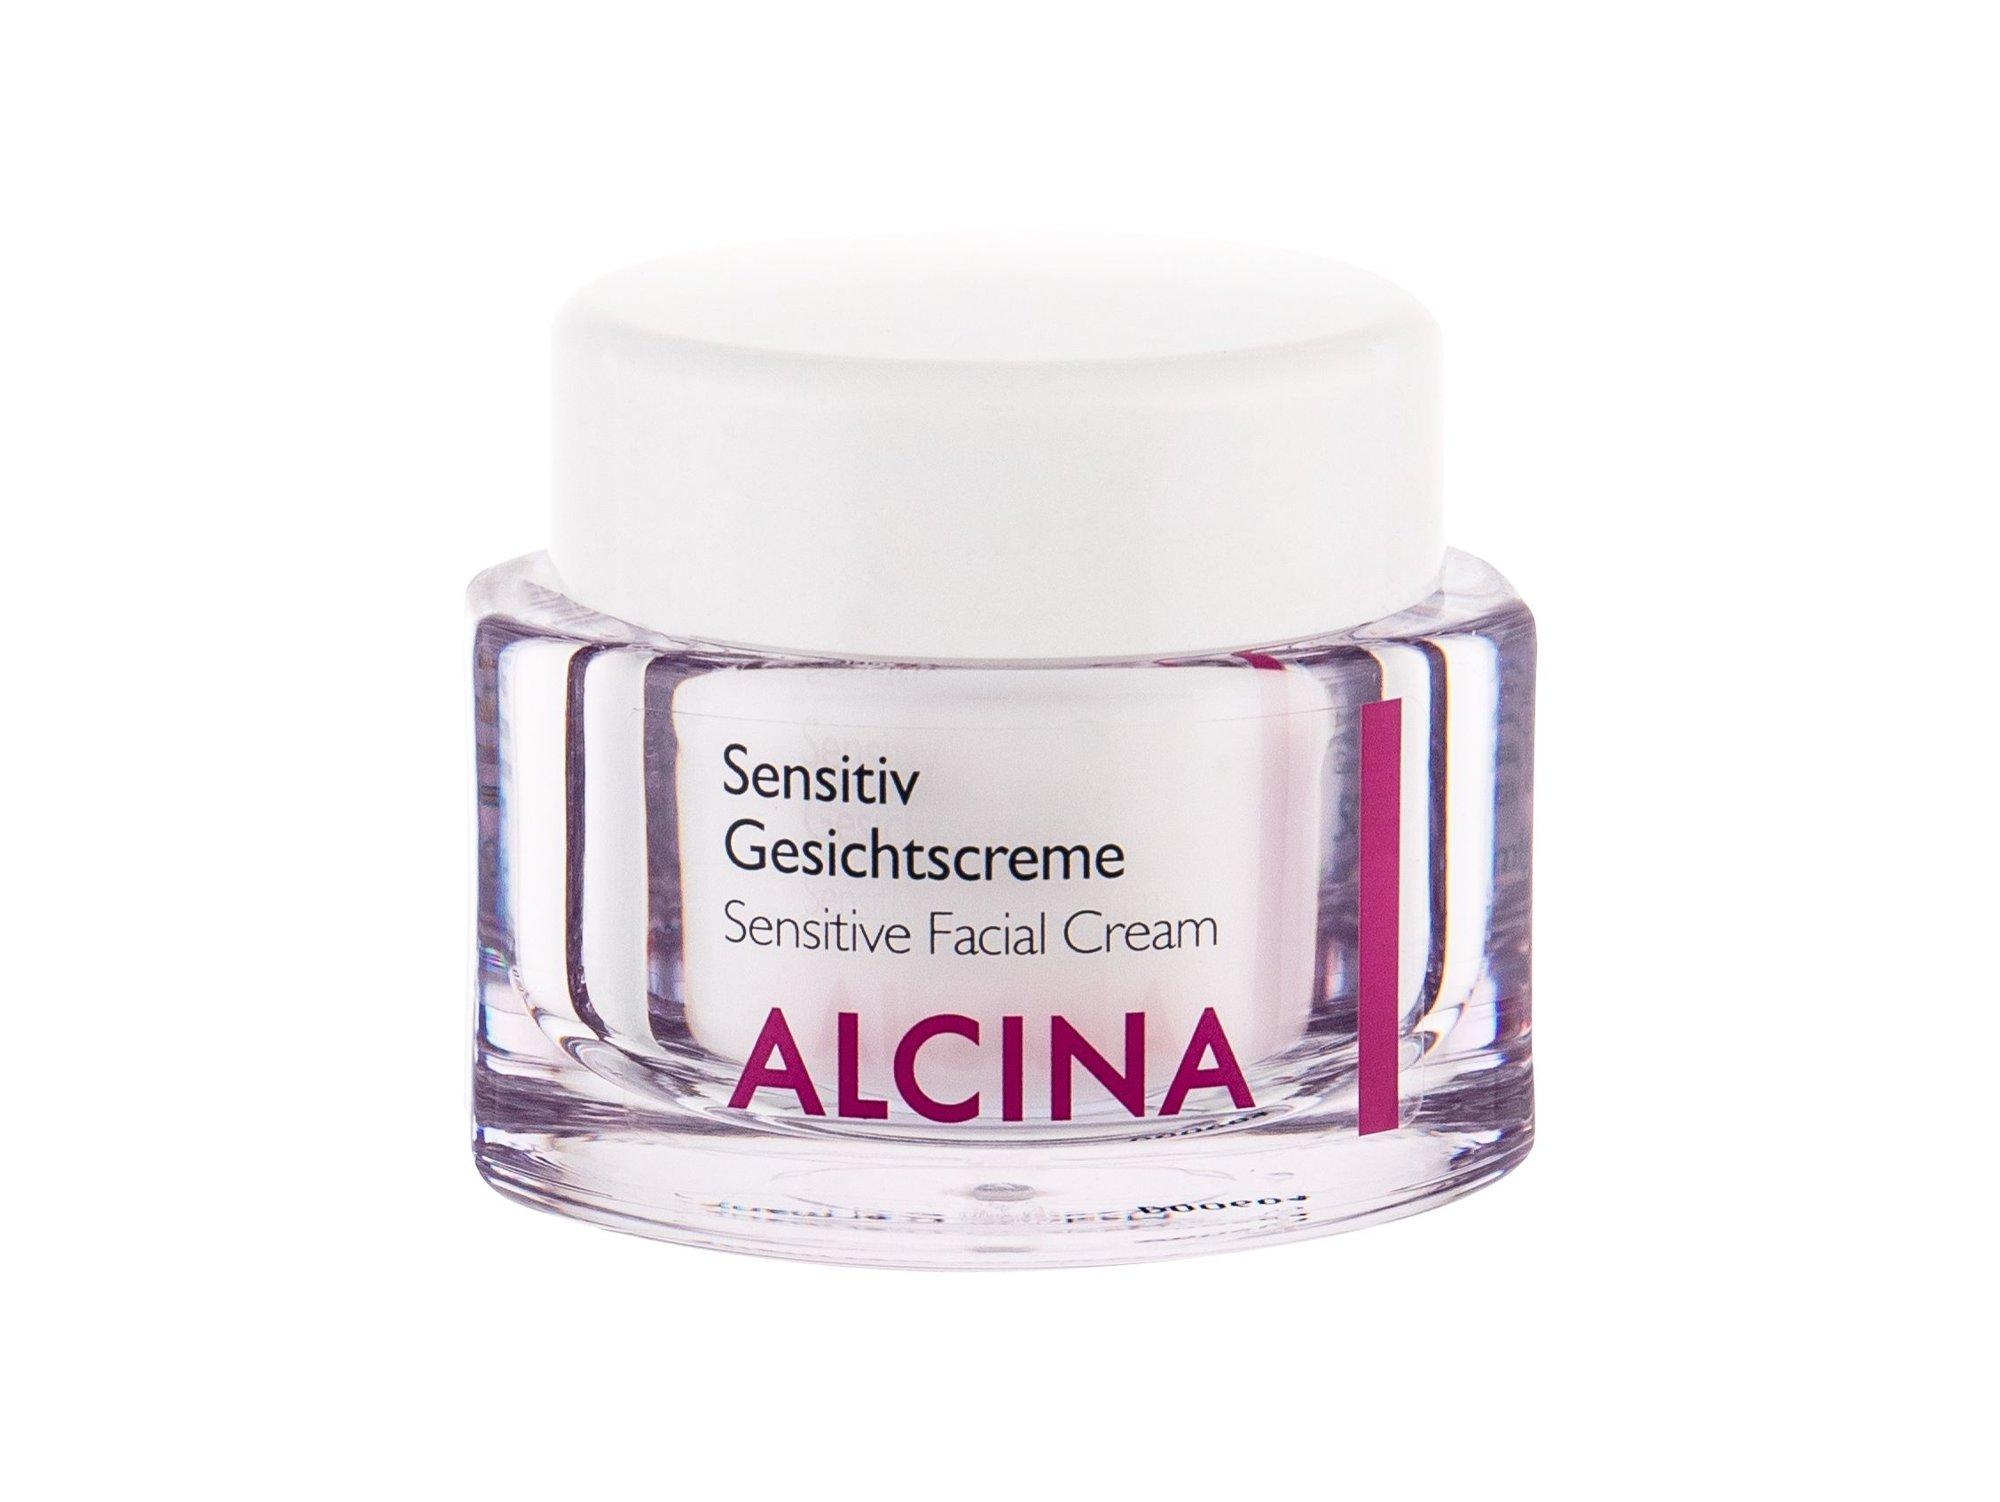 ALCINA Sensitive Facial Cream Day Cream 50ml